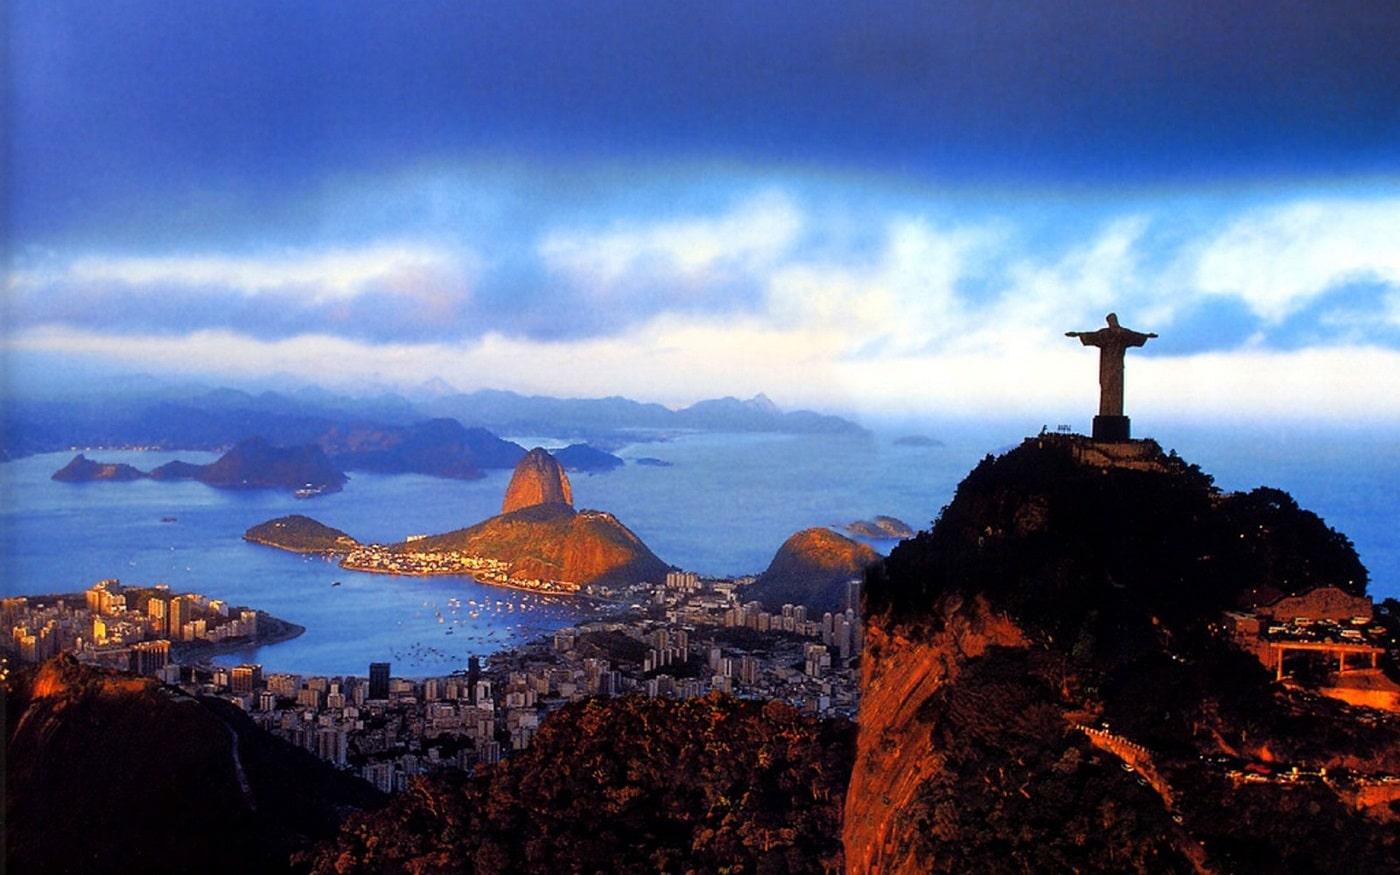 Statuia lui Hristos din Rio de Janeiro, edificiul care întregeşte orizontul